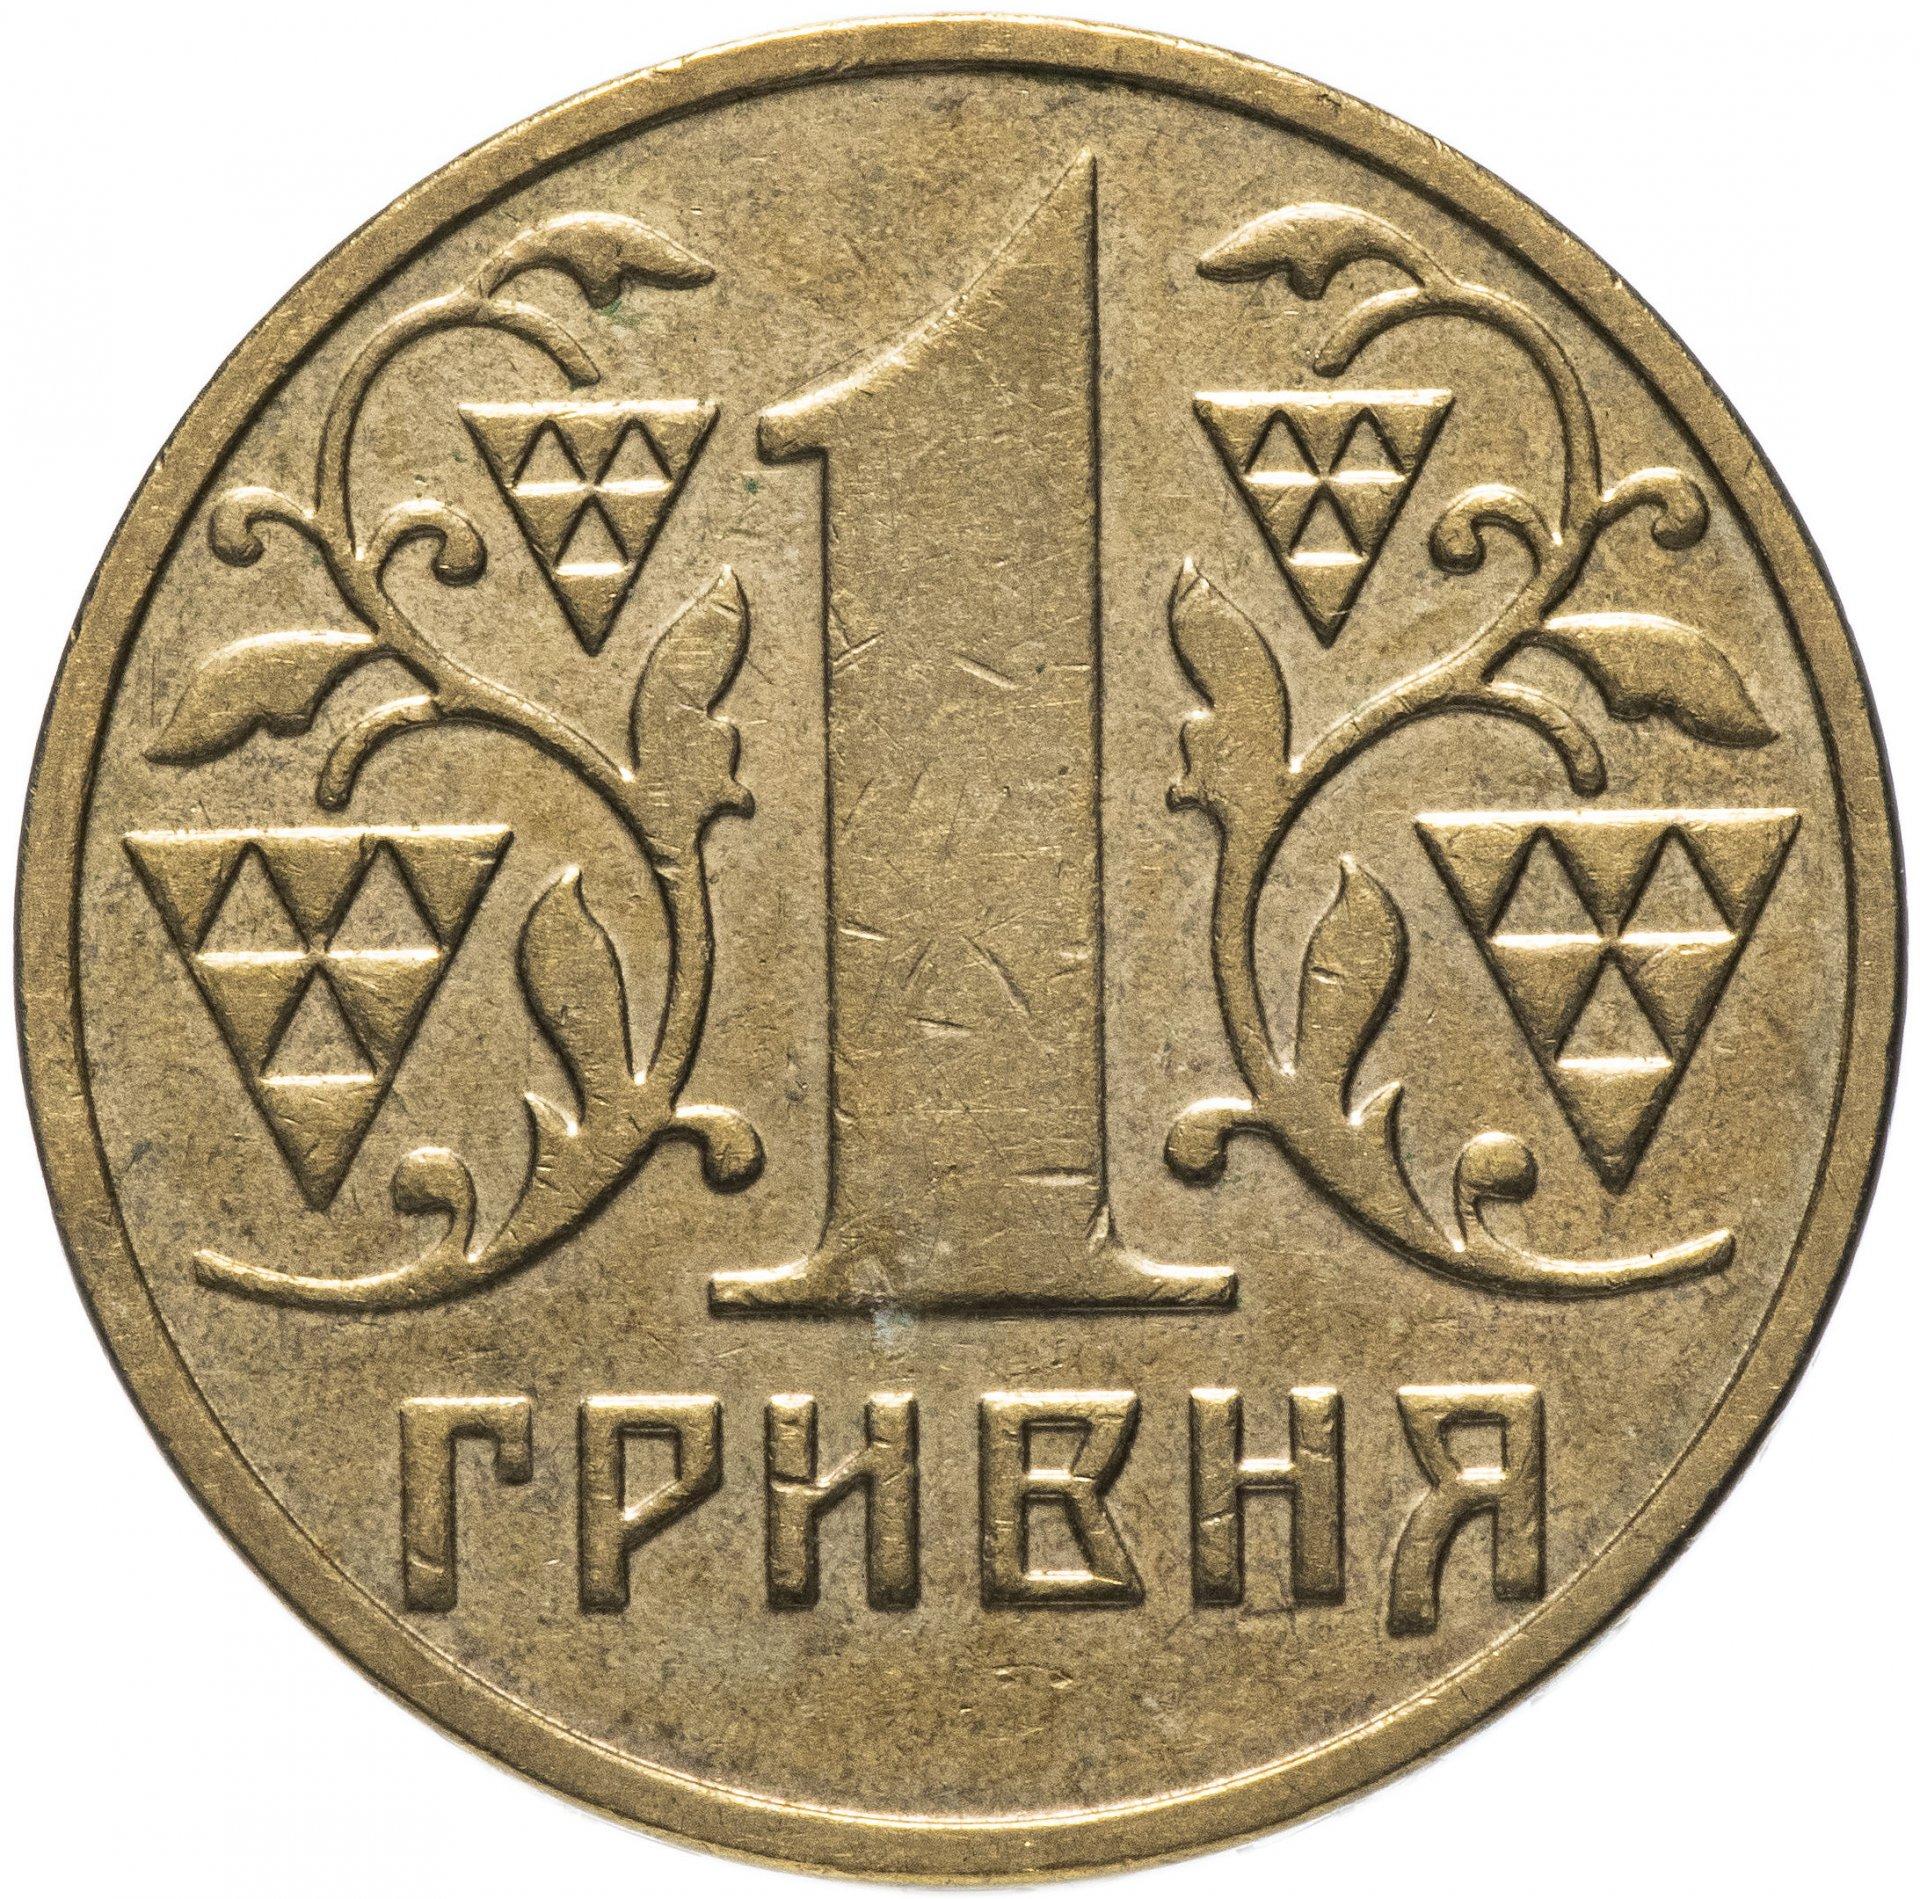 Динамика курса украинской гривны (uah) к рублю, доллару, евро, график изменений колебания курса украинской гривны за неделю, месяц и за 2020 год, конвертер, котировки валюты на сегодня, прогноз на завтра | банки.ру